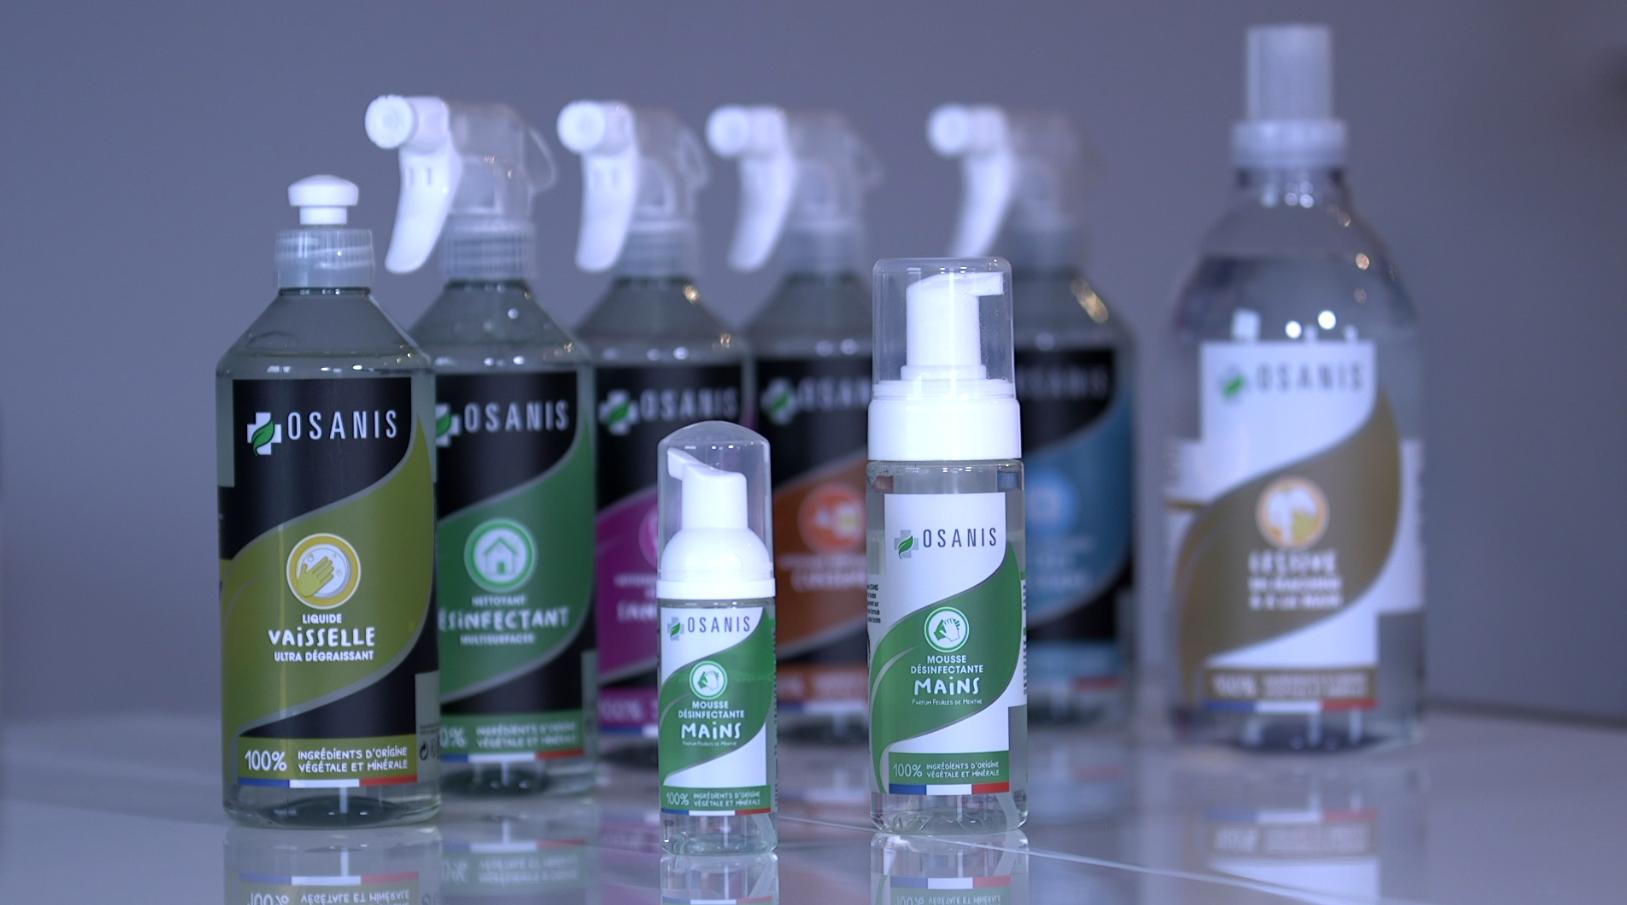 Gamme OSANIS pour des produits détergents ménagers 100% végétale et biodégradable Effibioz